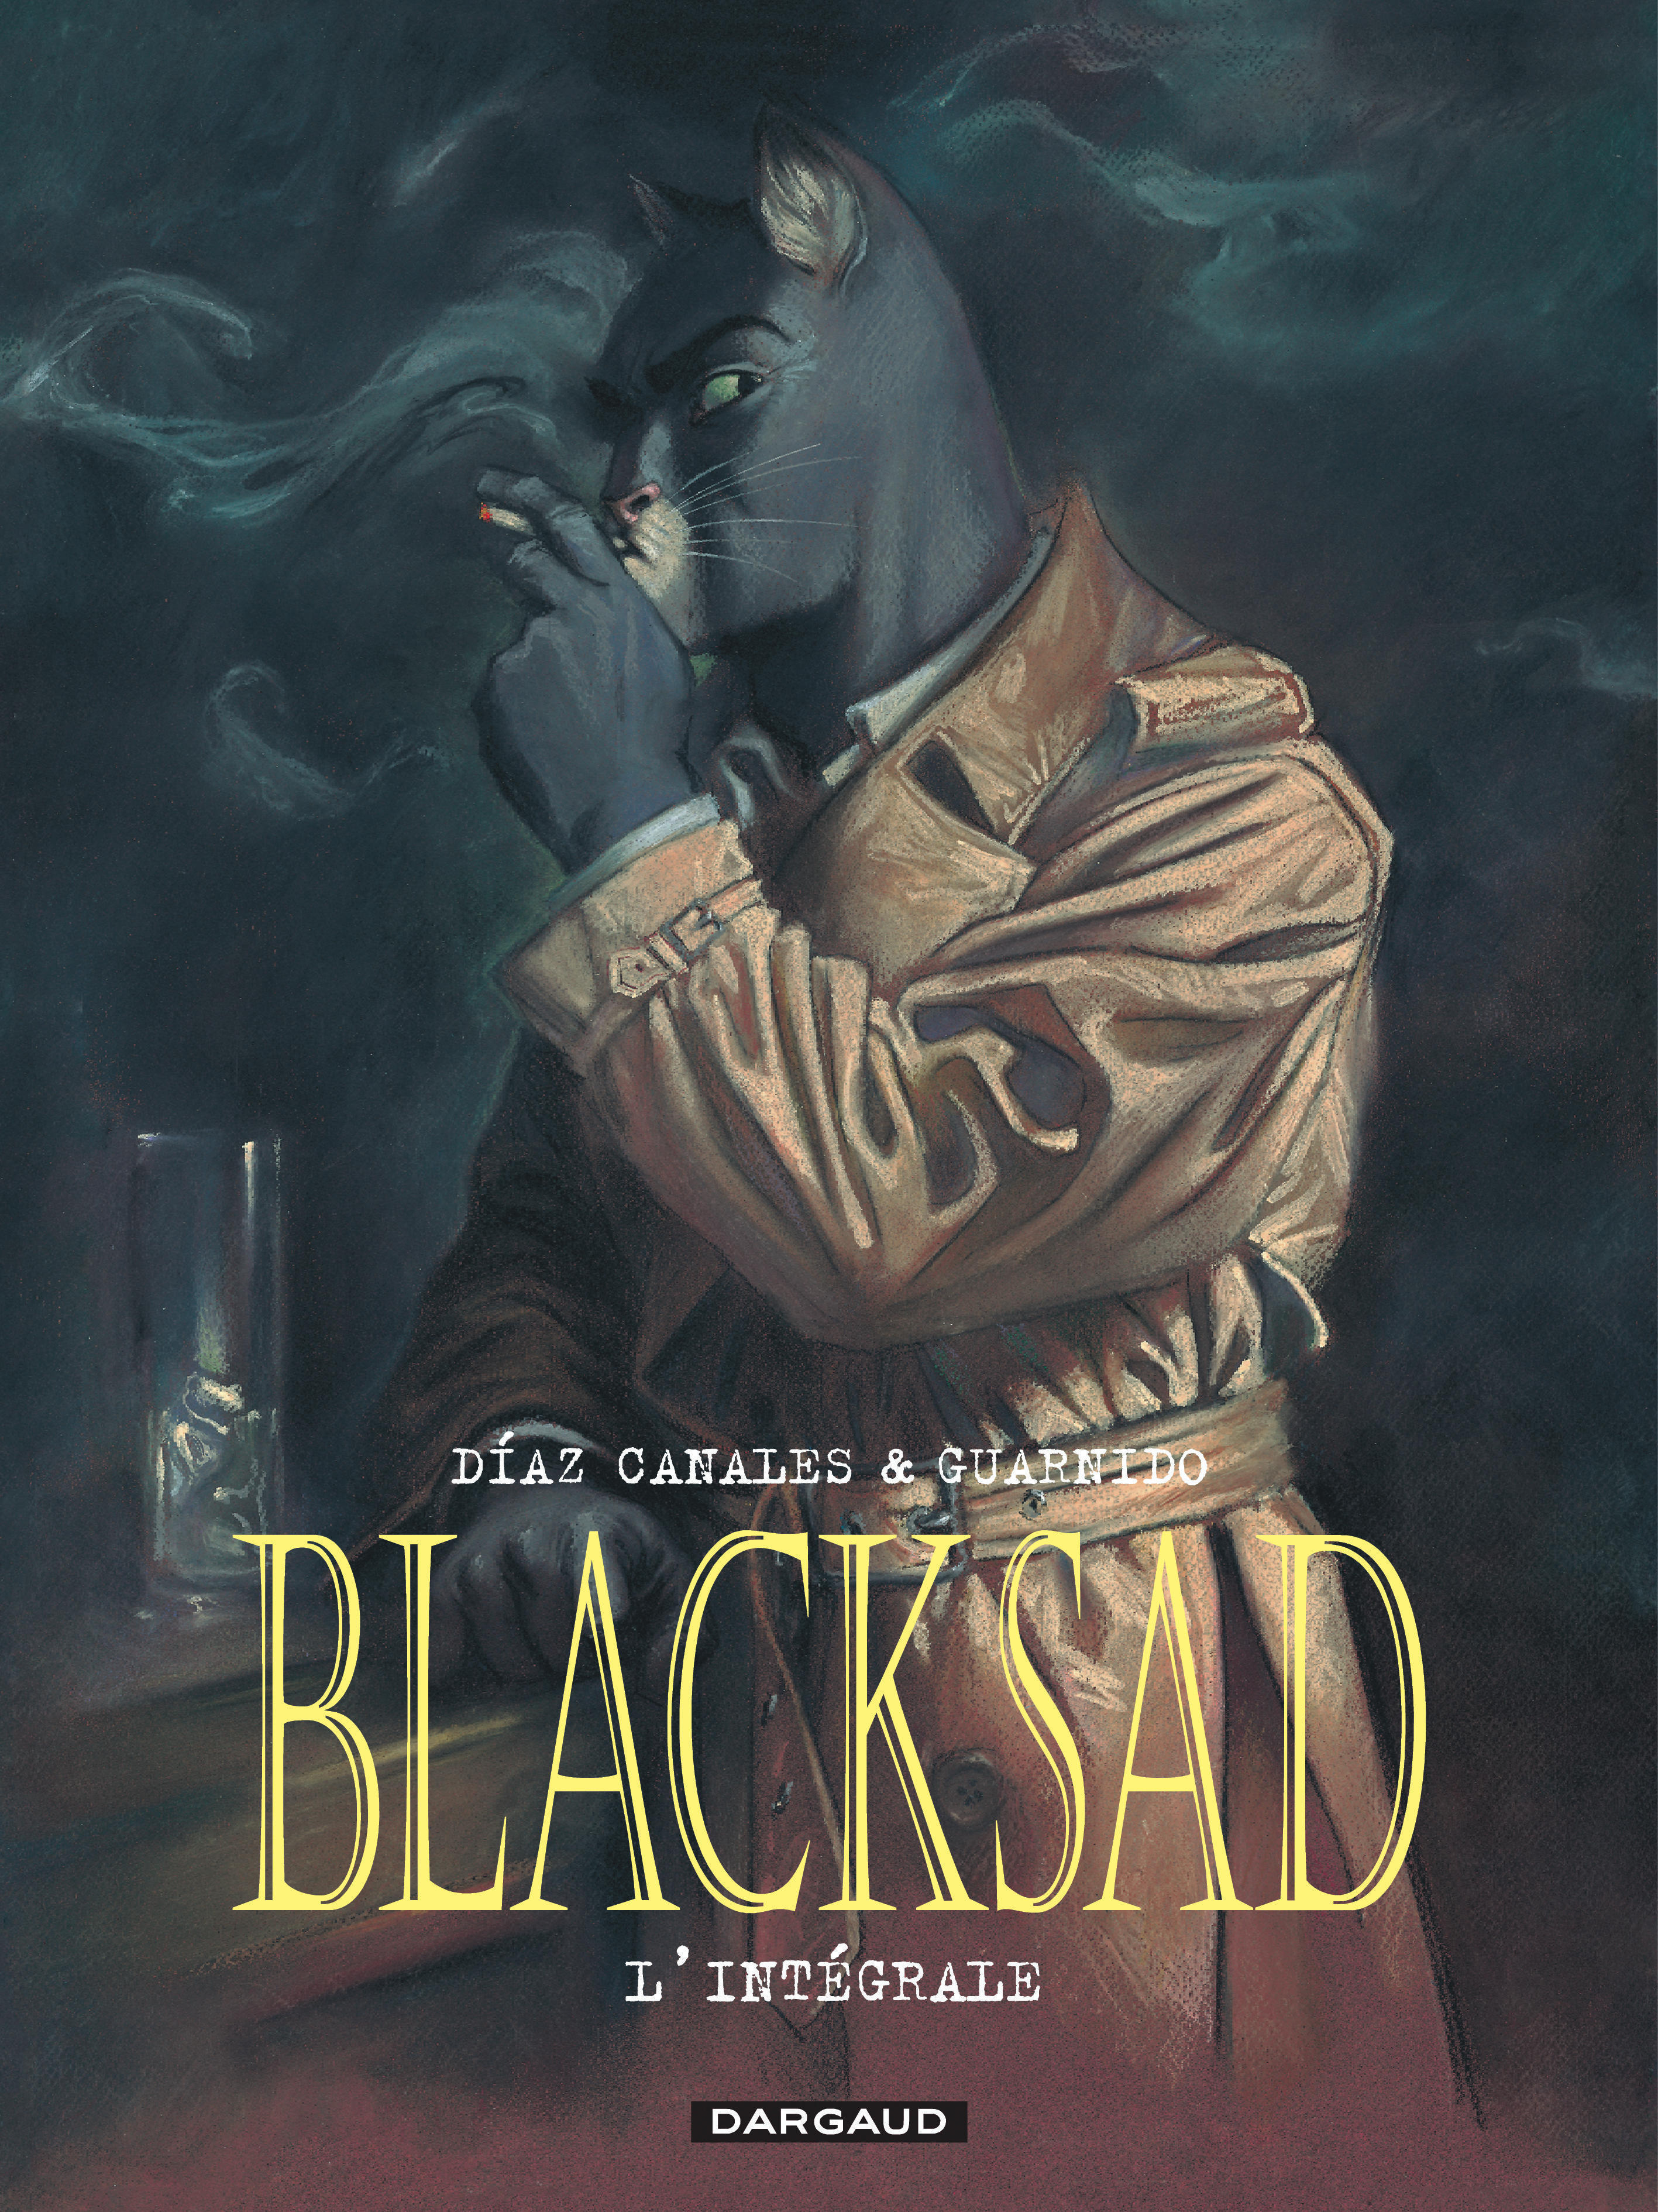 BLACKSAD - INTEGRALE